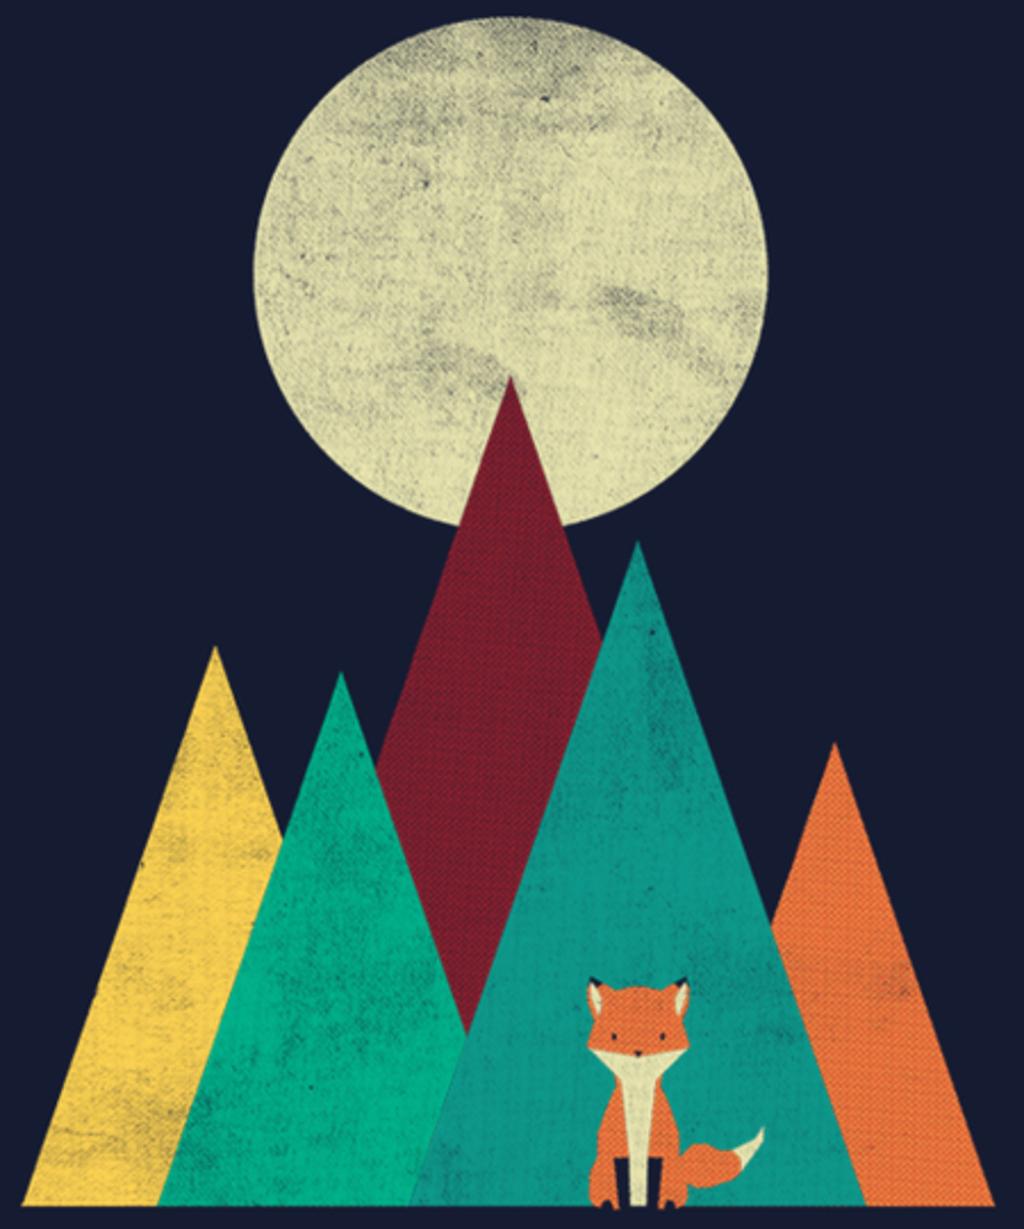 Qwertee: Red Fox